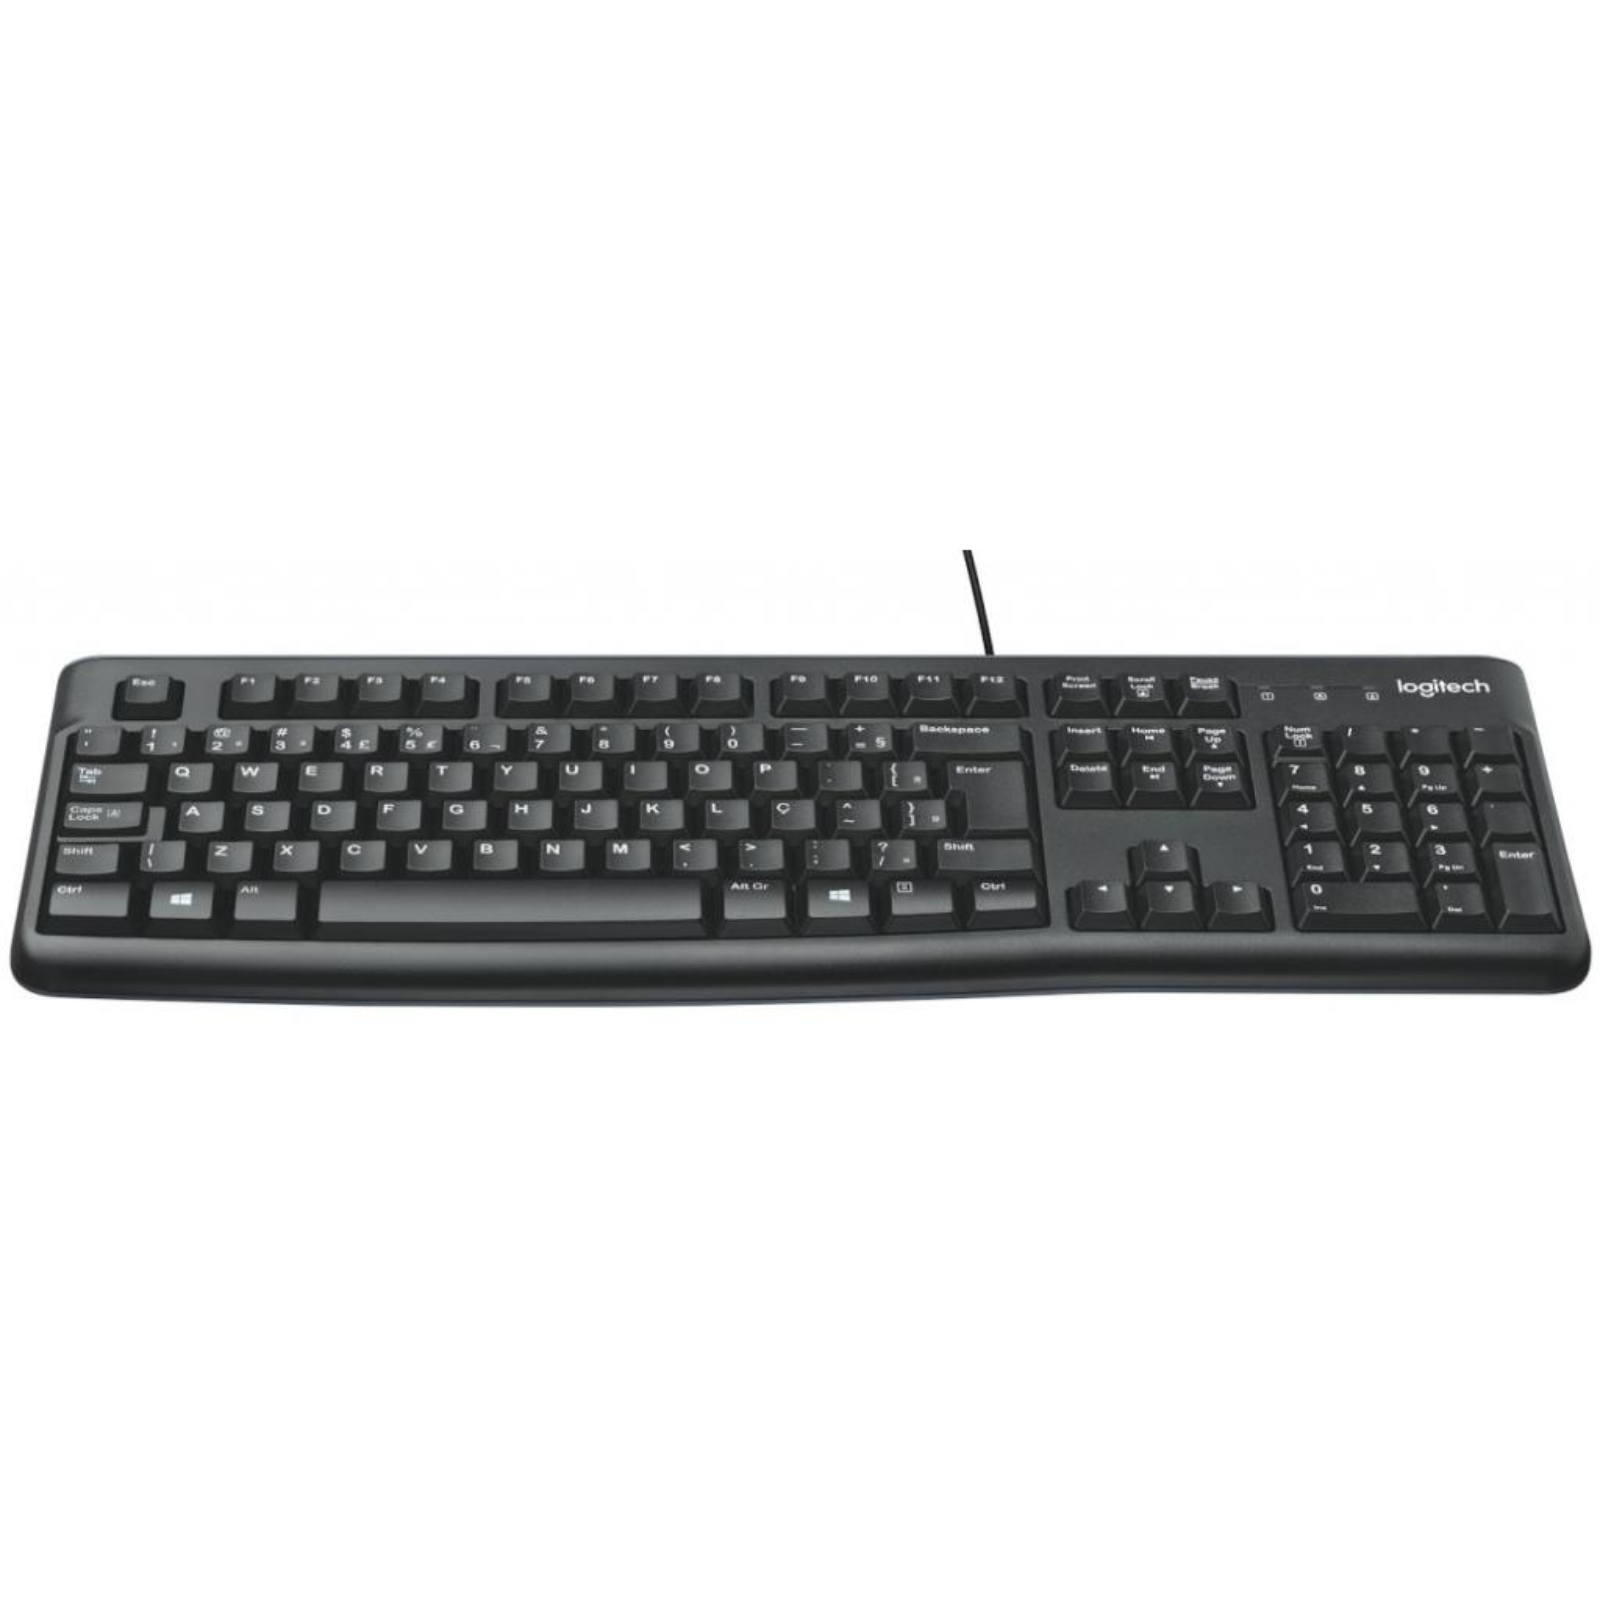 Клавіатура Logitech K120 Ukr (920-002643) зображення 2